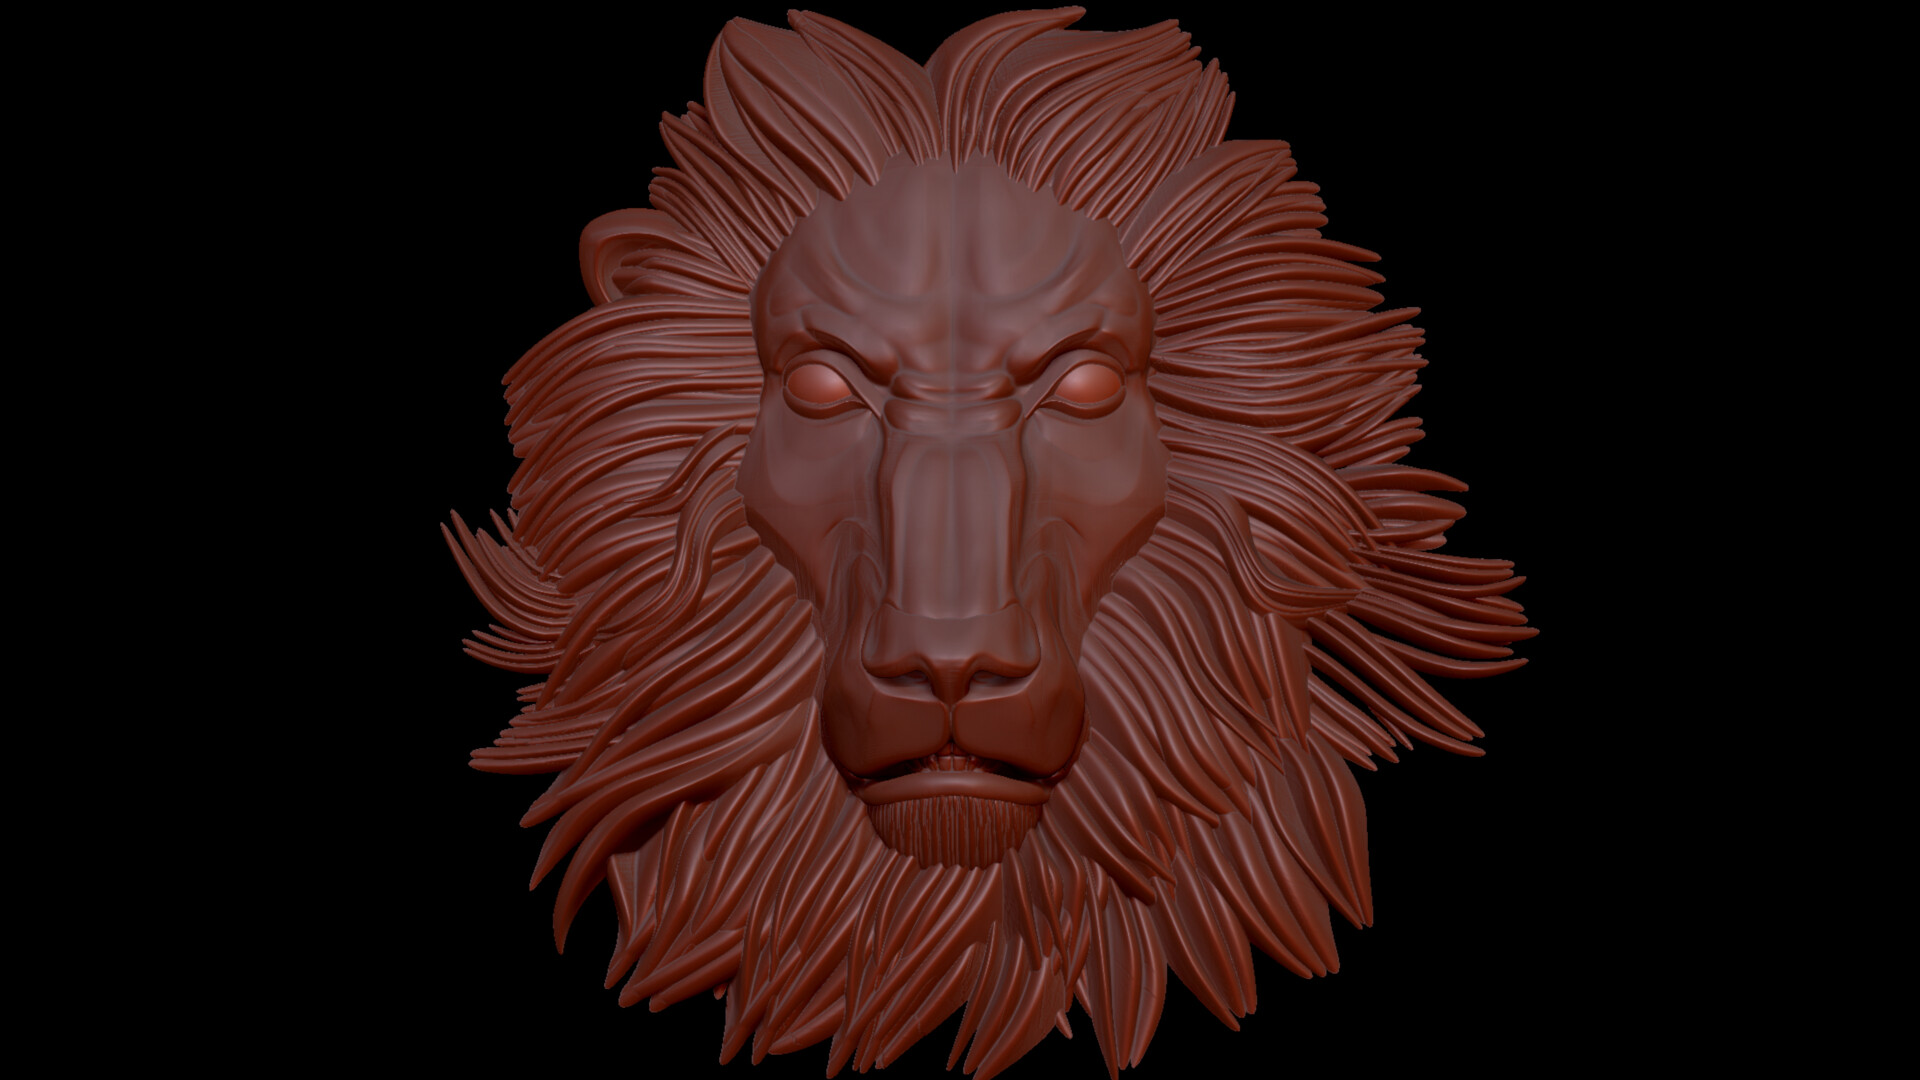 gareth-sibson-lion-face-sculpt-gareth-si